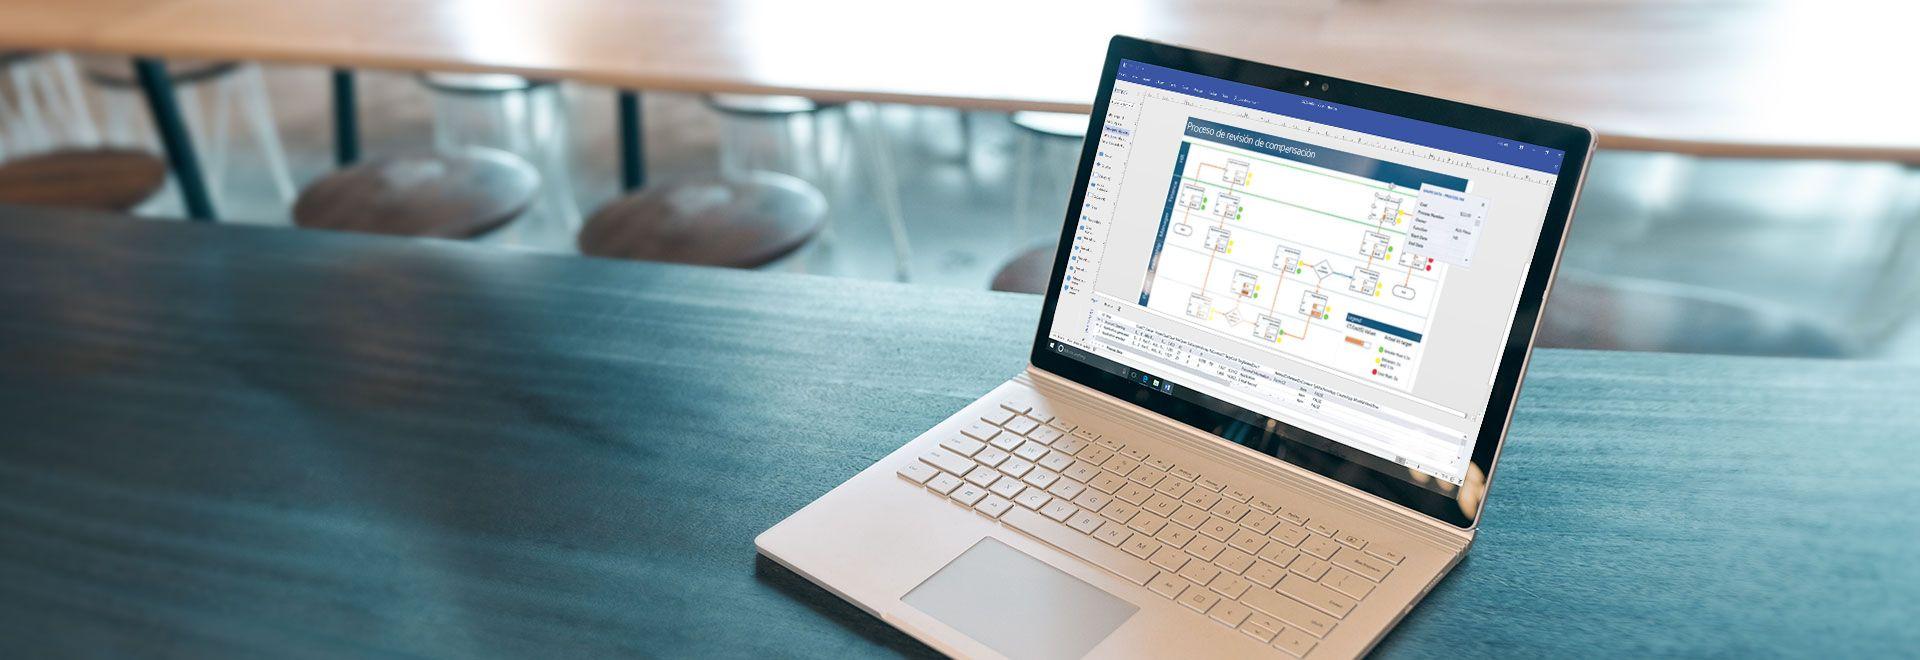 Una portátil en el que se muestra un diagrama de un flujo de trabajo de procesos en Visio Online Plan 2